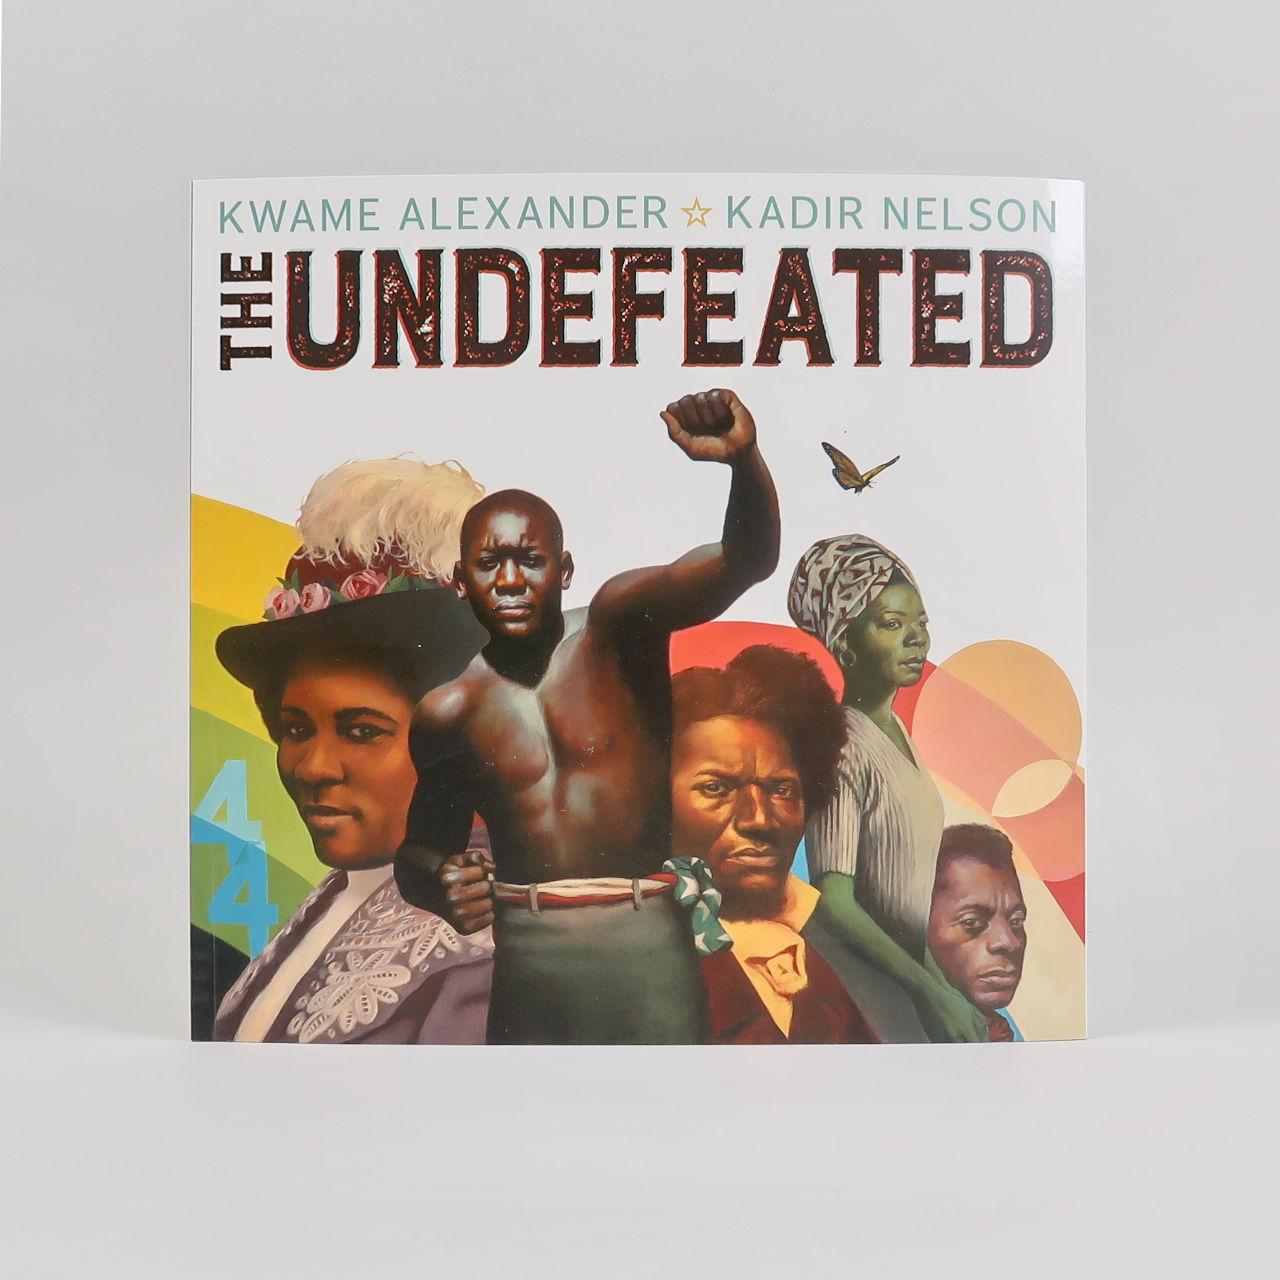 The Undefeated - Kwame Alexander & Kadir Nelson